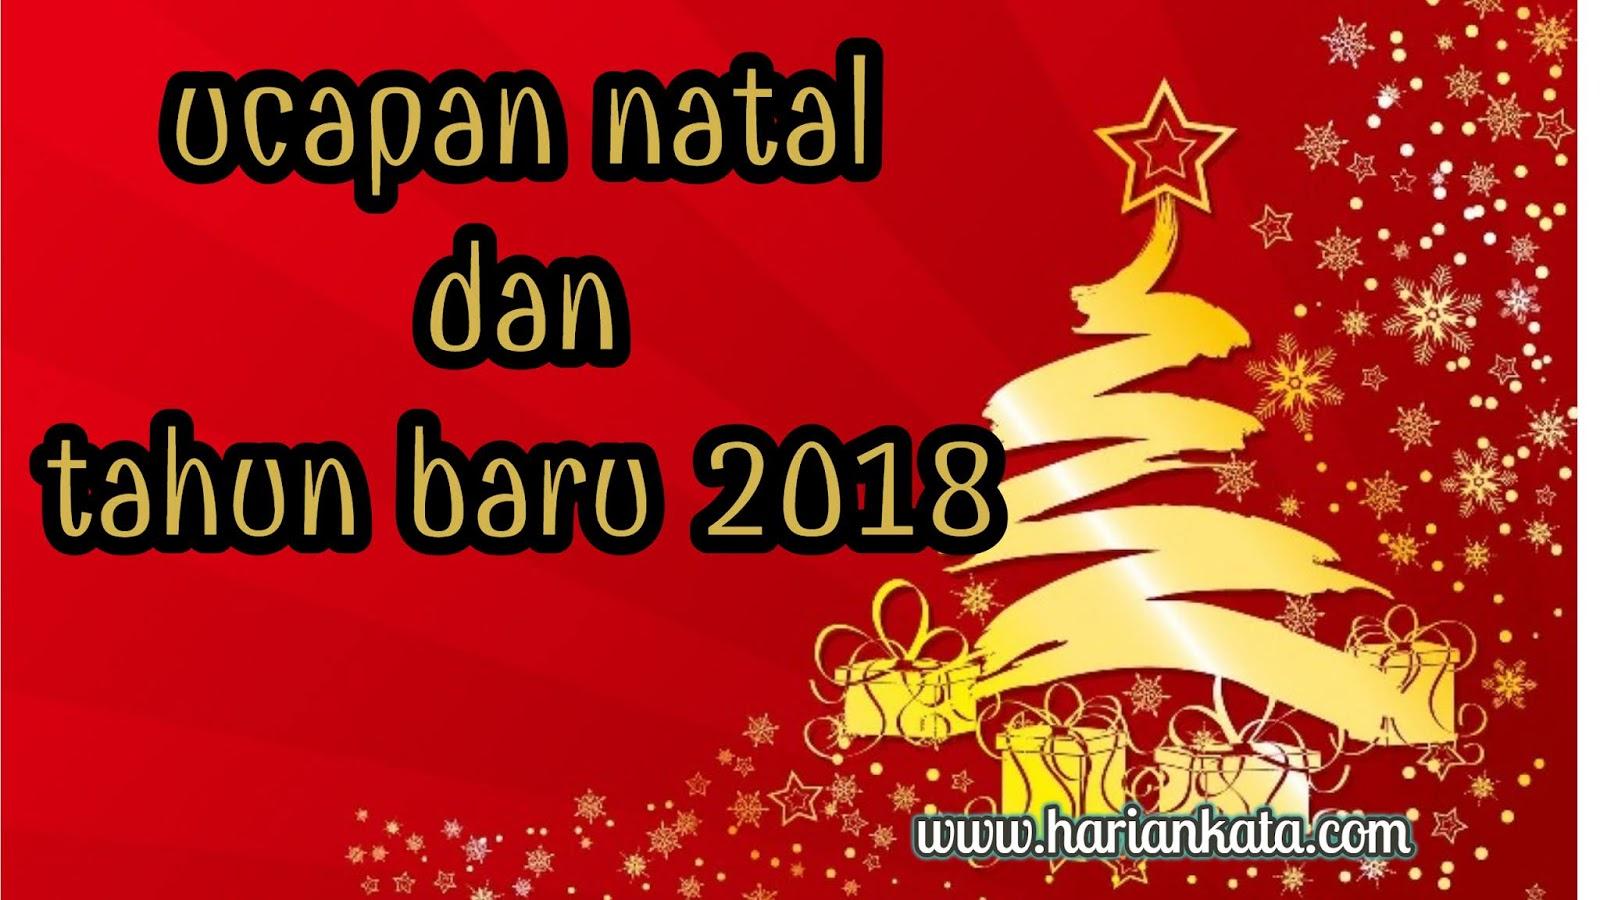 Kumpulan Ucapan Kata Natal Paling Legkap Tahun 2018 Harian